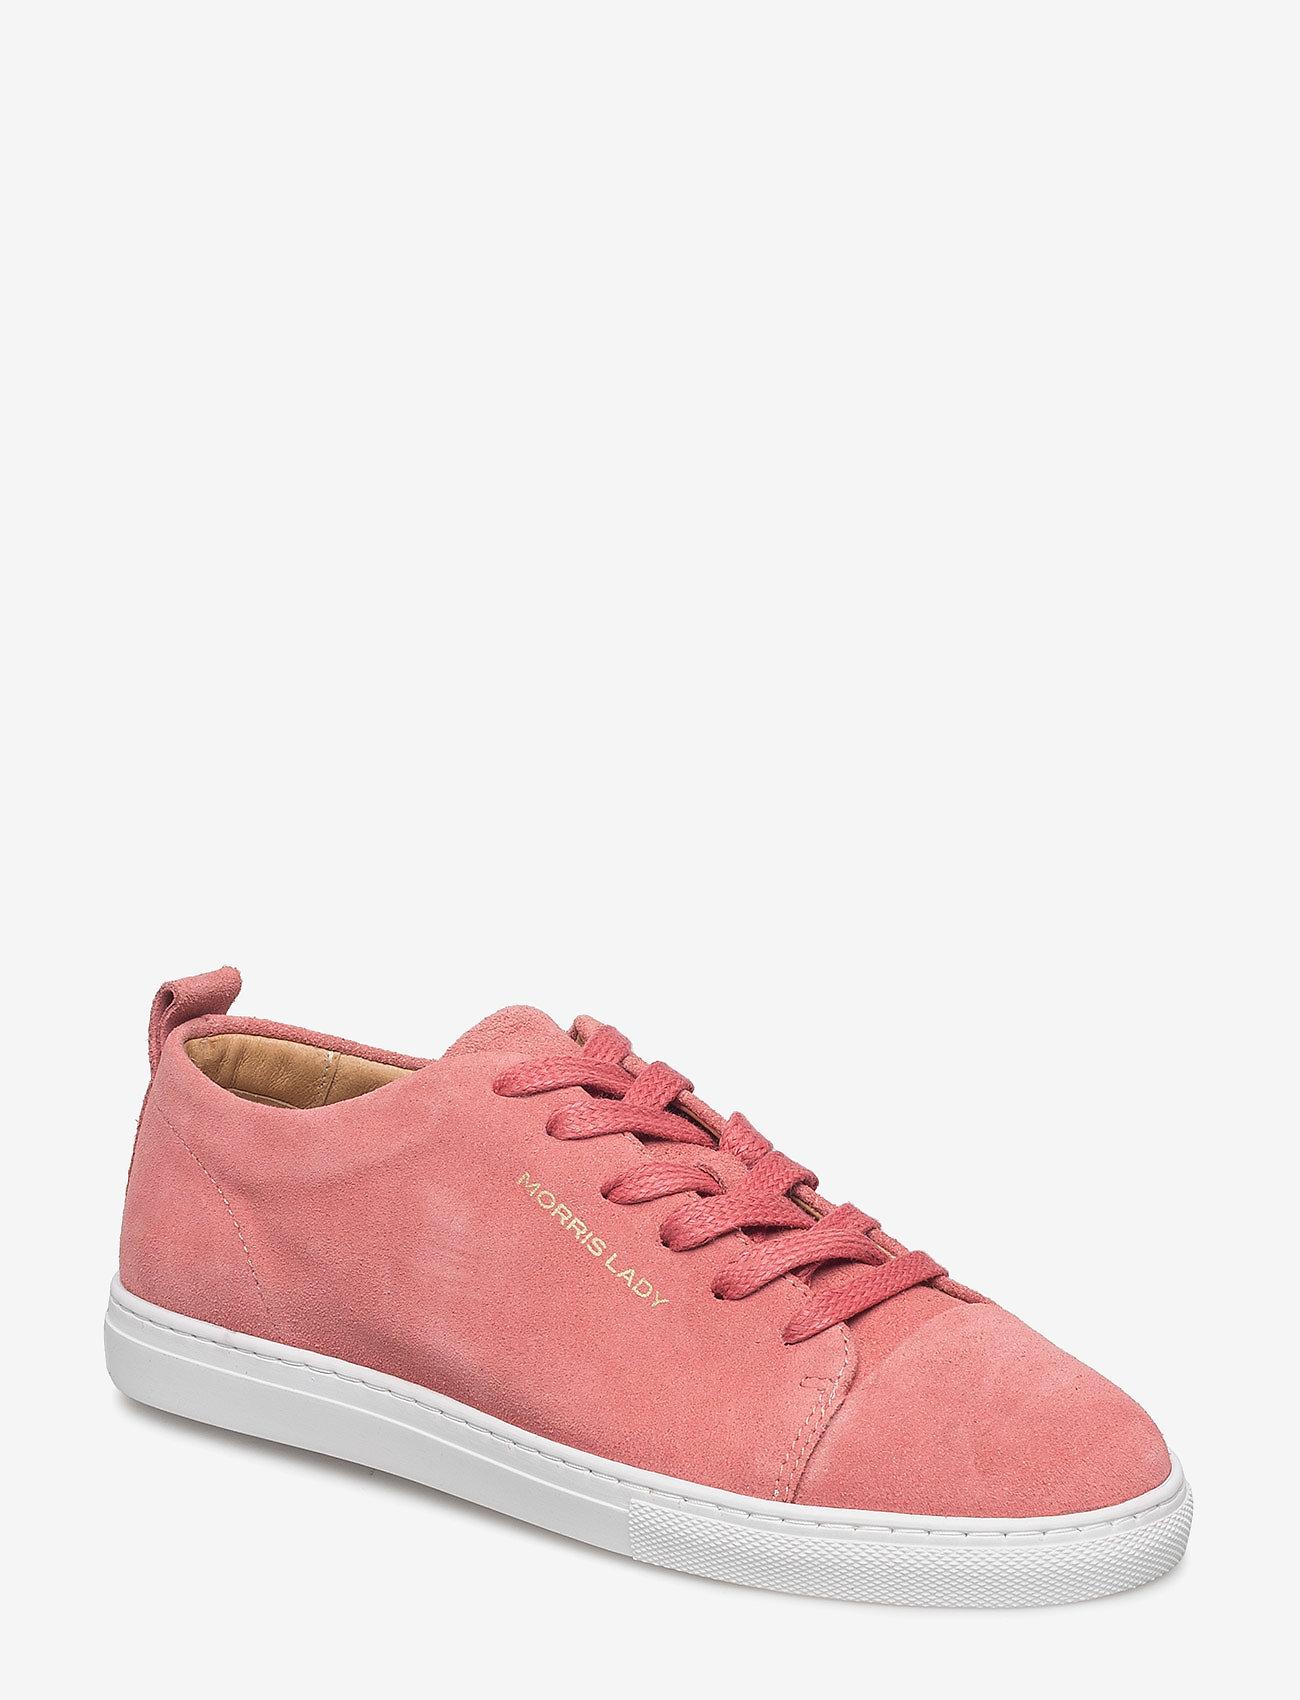 Morris Lady - Lady Suede Sneakers - låga sneakers - cerise - 0